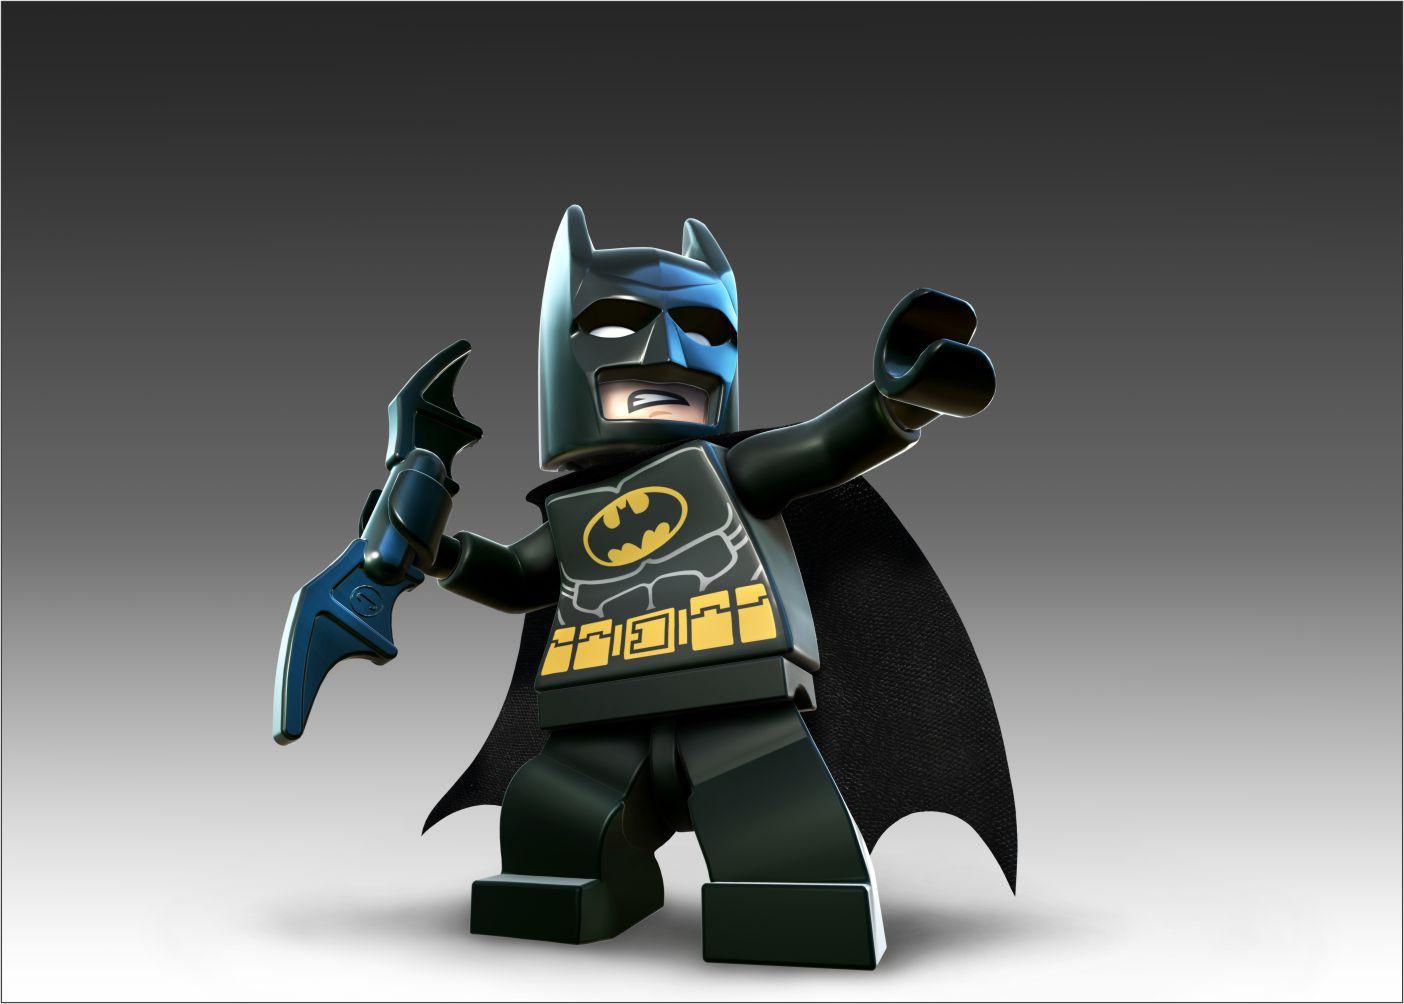 Papel de Parede Infantil Heróis lego 0005  - Paredes Decoradas